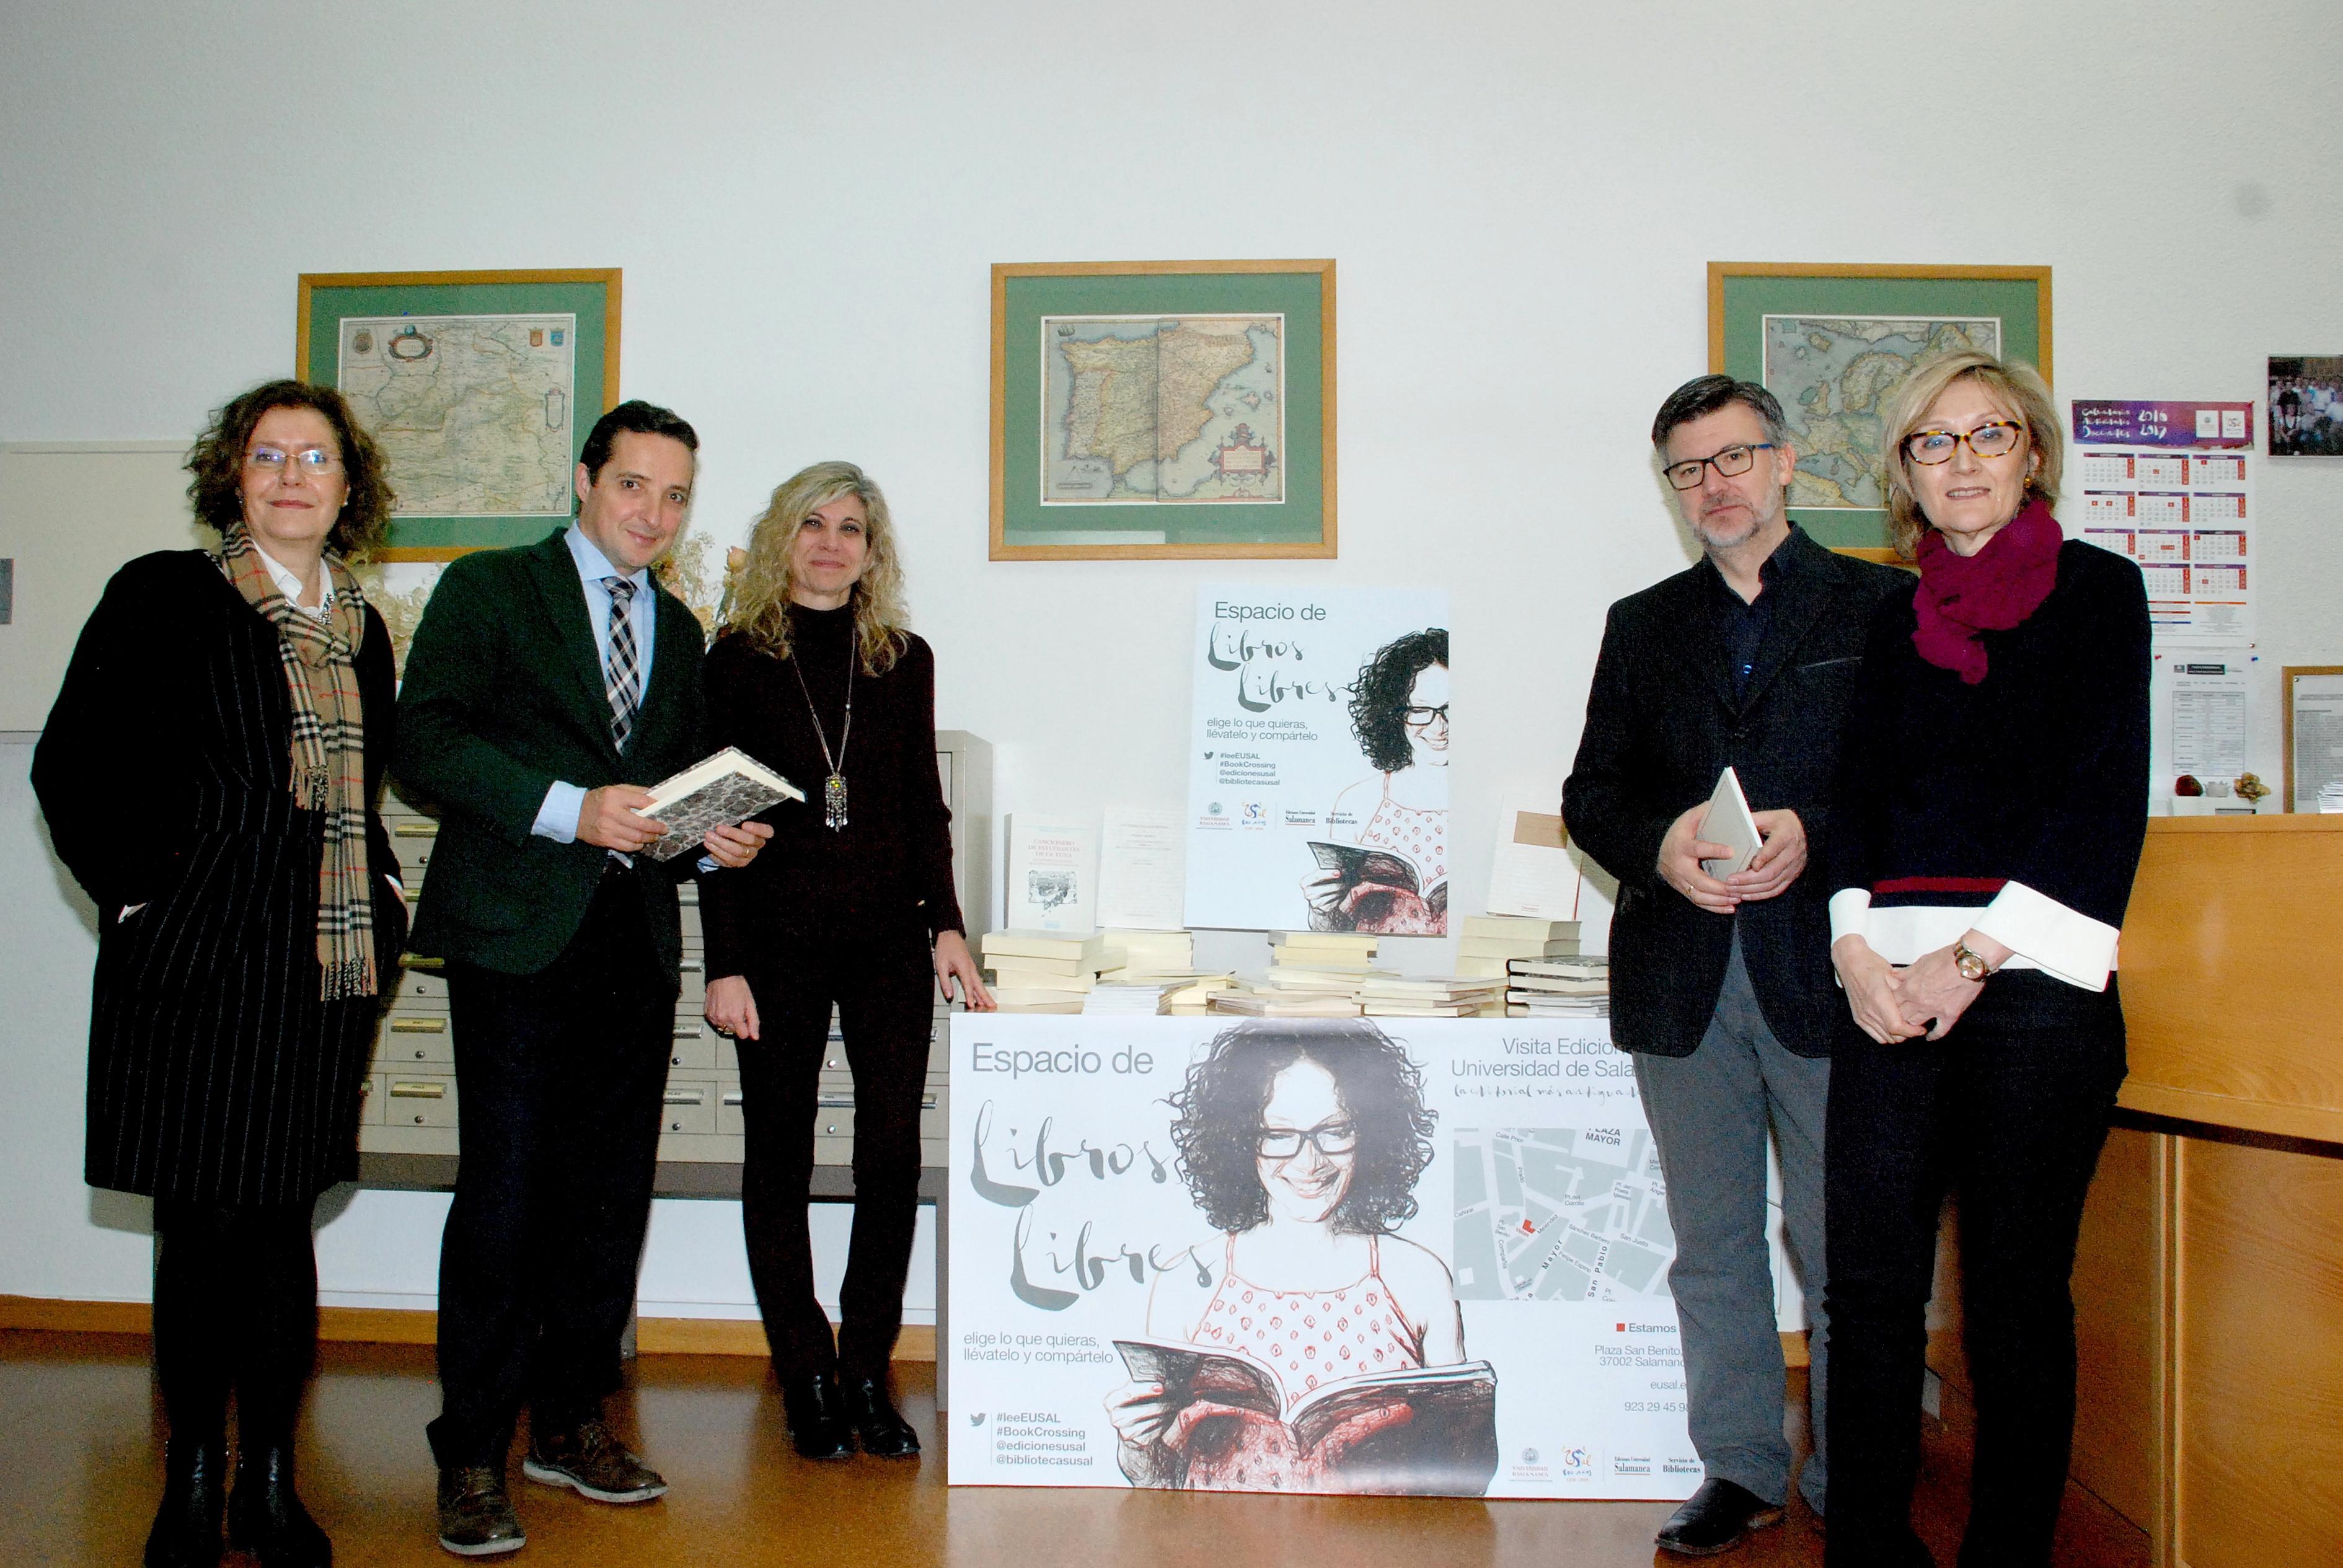 La campaña 'Libros Libres' continúa su actividad de promoción de la lectura y la investigación con la incorporación cuatro bibliotecas al proyecto